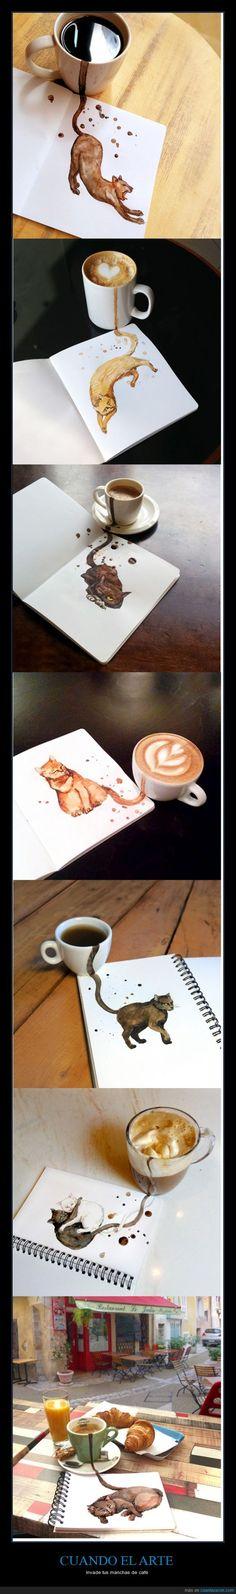 No todas las manchas son un desastre - Invade tus manchas de café Gracias a http://www.cuantarazon.com/ Si quieres leer la noticia completa visita: http://www.estoy-aburrido.com/no-todas-las-manchas-son-un-desastre-invade-tus-manchas-de-cafe/